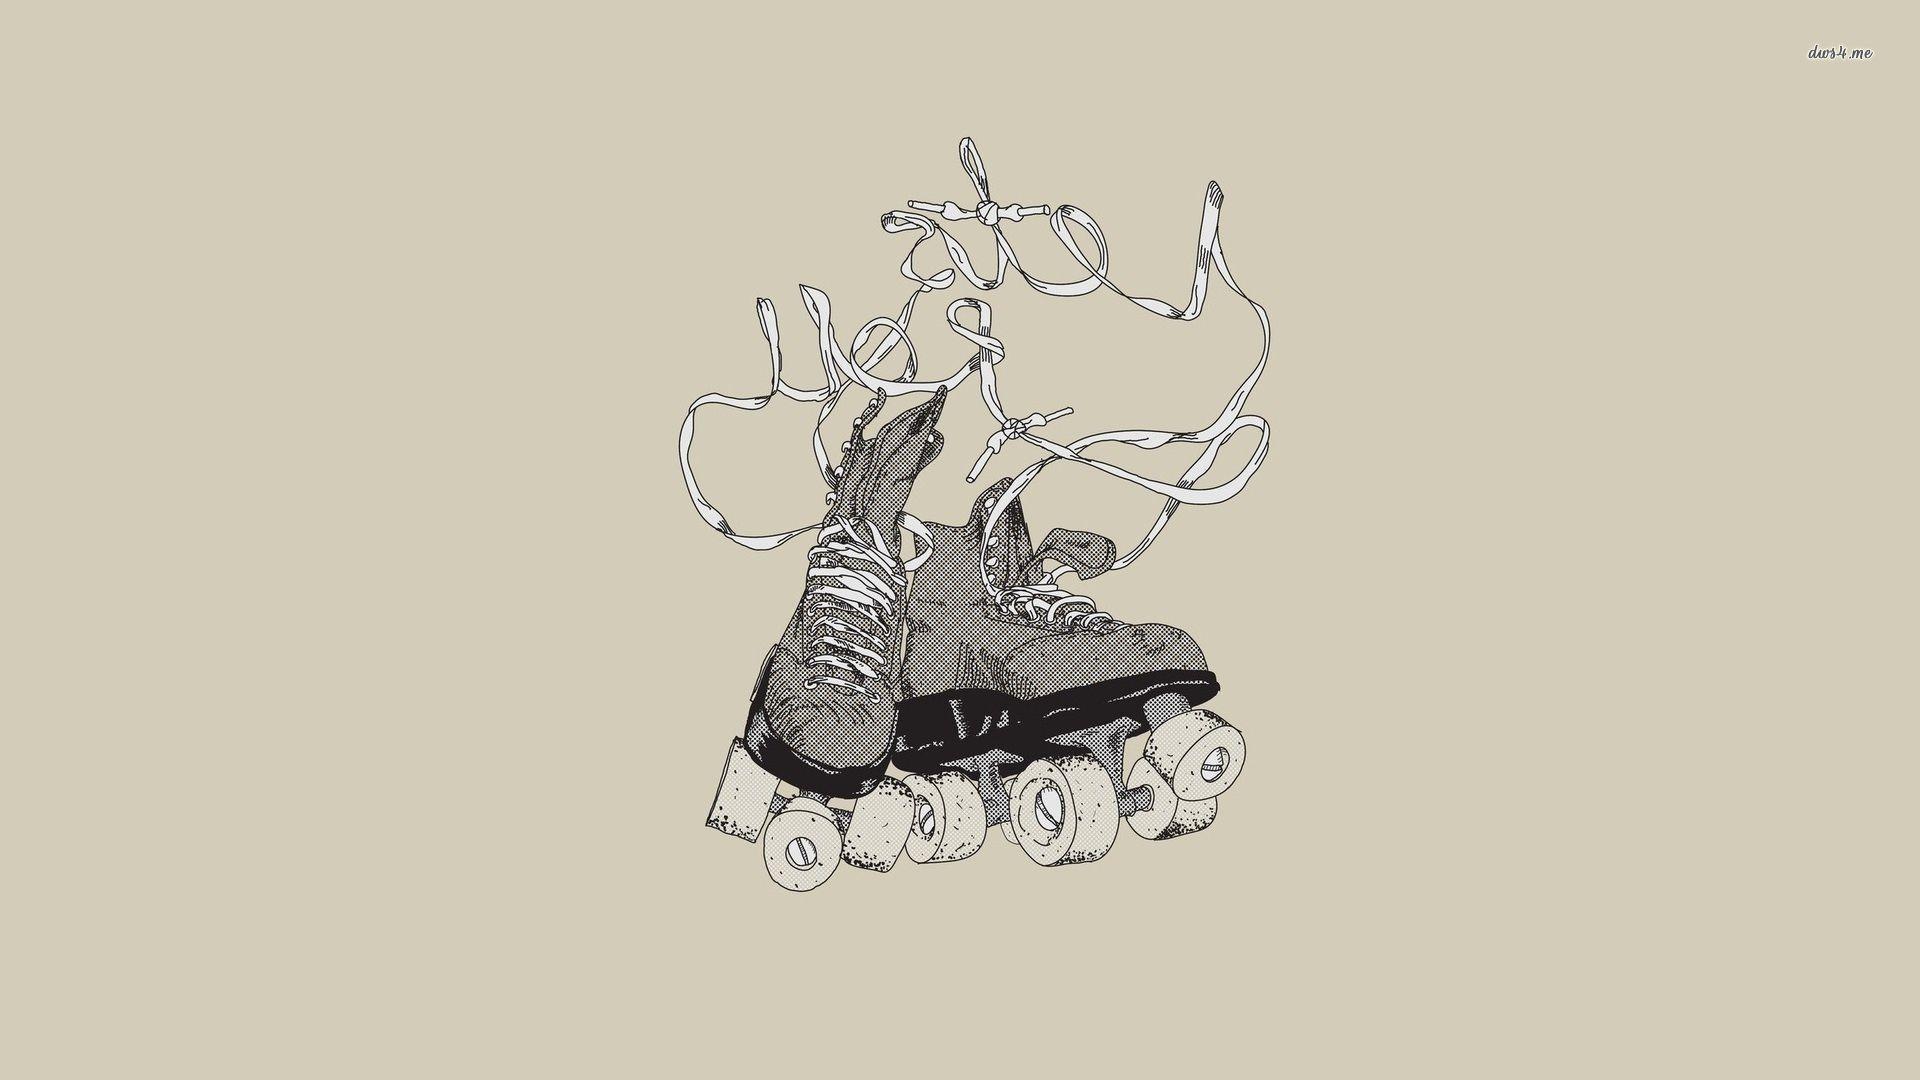 Roller Skating Wallpaper 70 Images